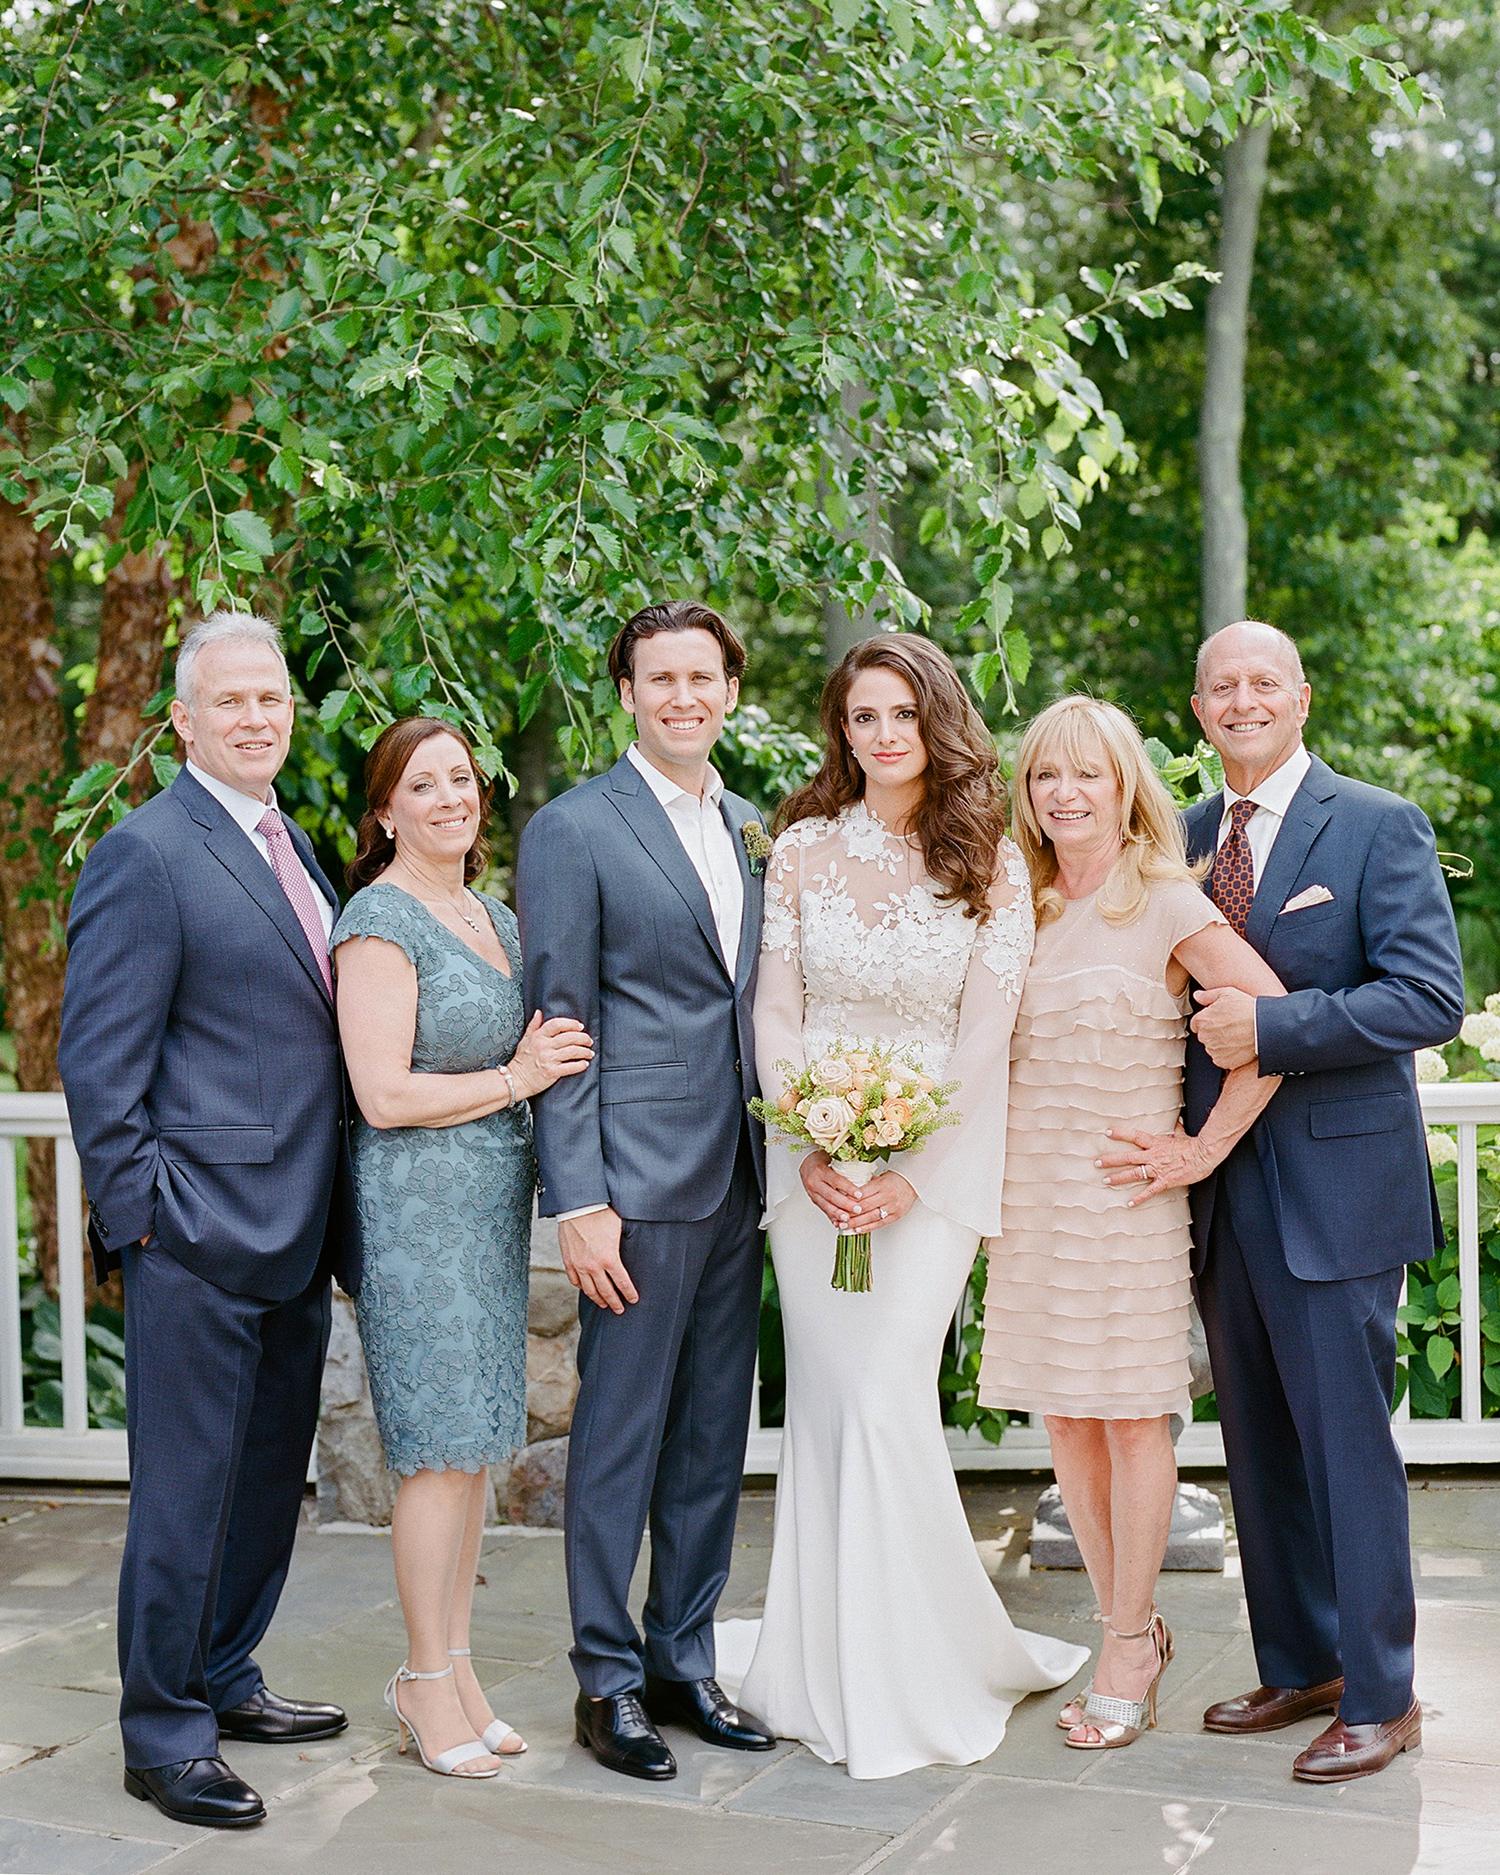 melissa michael couple with parents